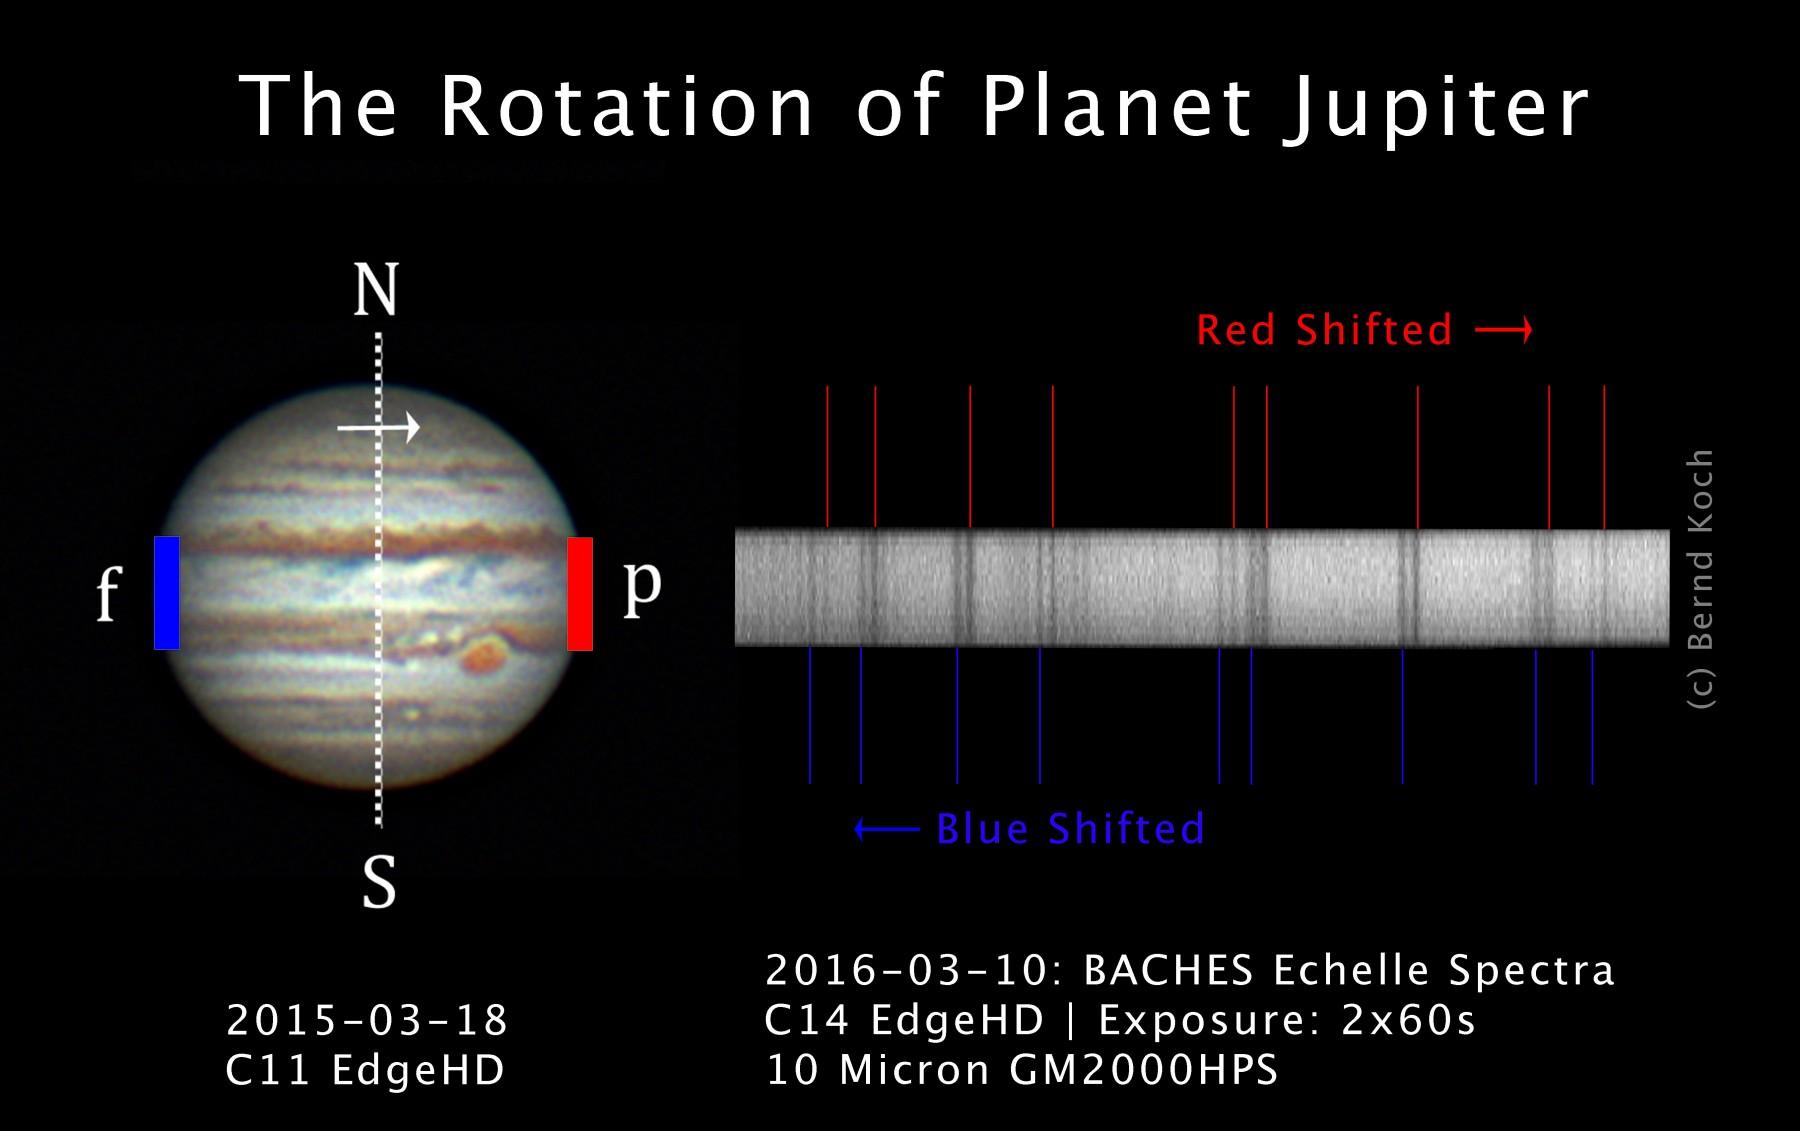 Anwendungsbild: Das Foto zeigt, wie man Rotationsgeschwindigkeiten von Planeten messen kann. Die Following-Seite des Jupiters kommt auf den Betrachter zu, das Licht ist gemäß Dopplereffekt blauverschoben. Die Preceding-Seite rechts verschwindet, man erken